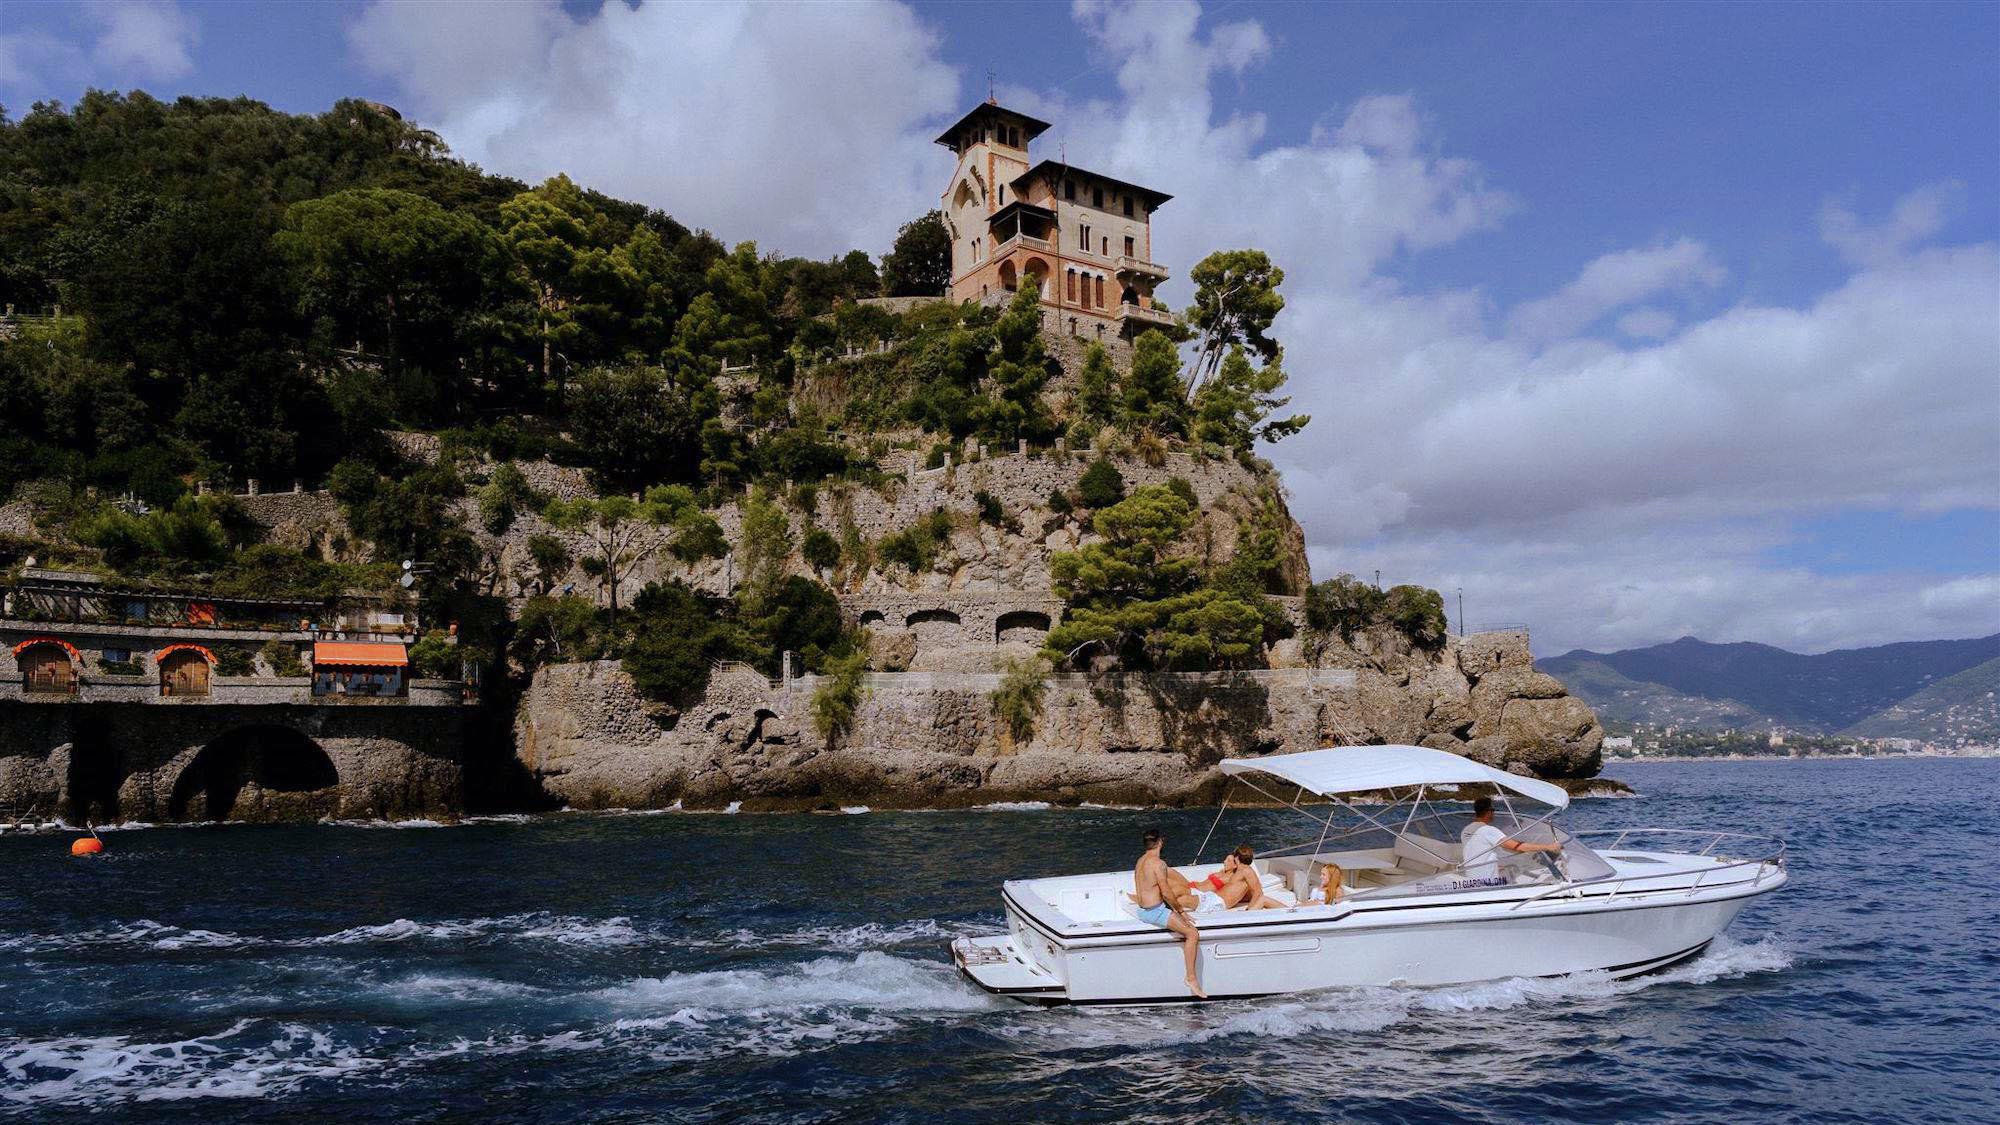 Cesare Charter Portofino - Servizi tour, transfer e charter marittimi